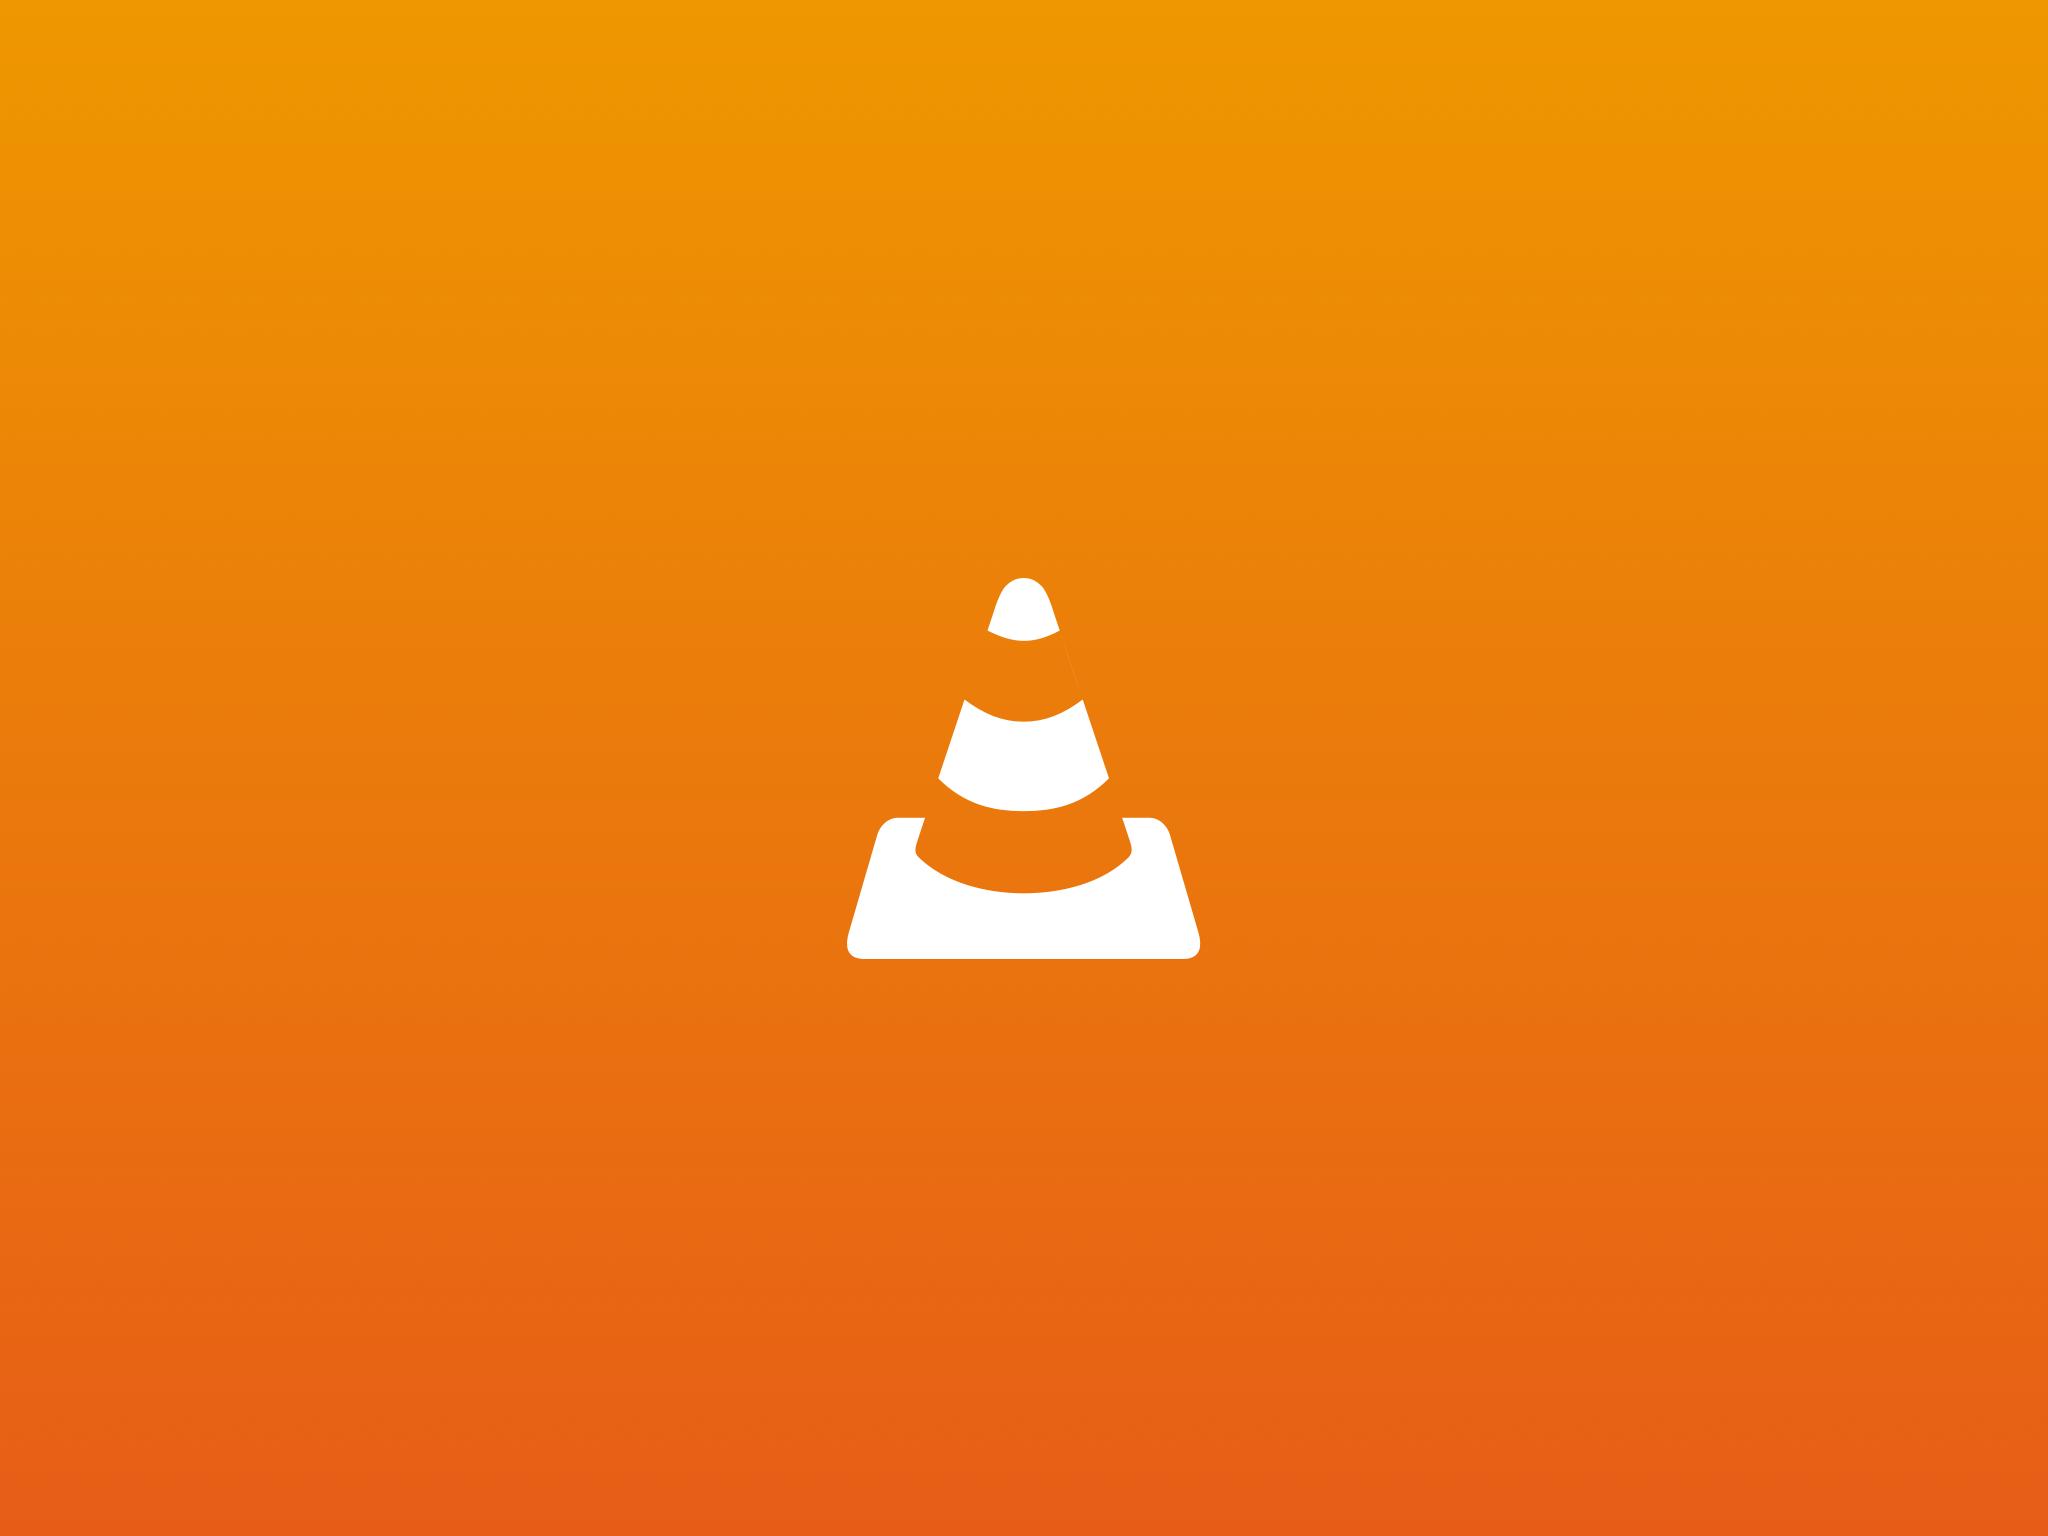 vlc-ios/Images.xcassets/LaunchImage.launchimage/iPad-Landscape@2x.png